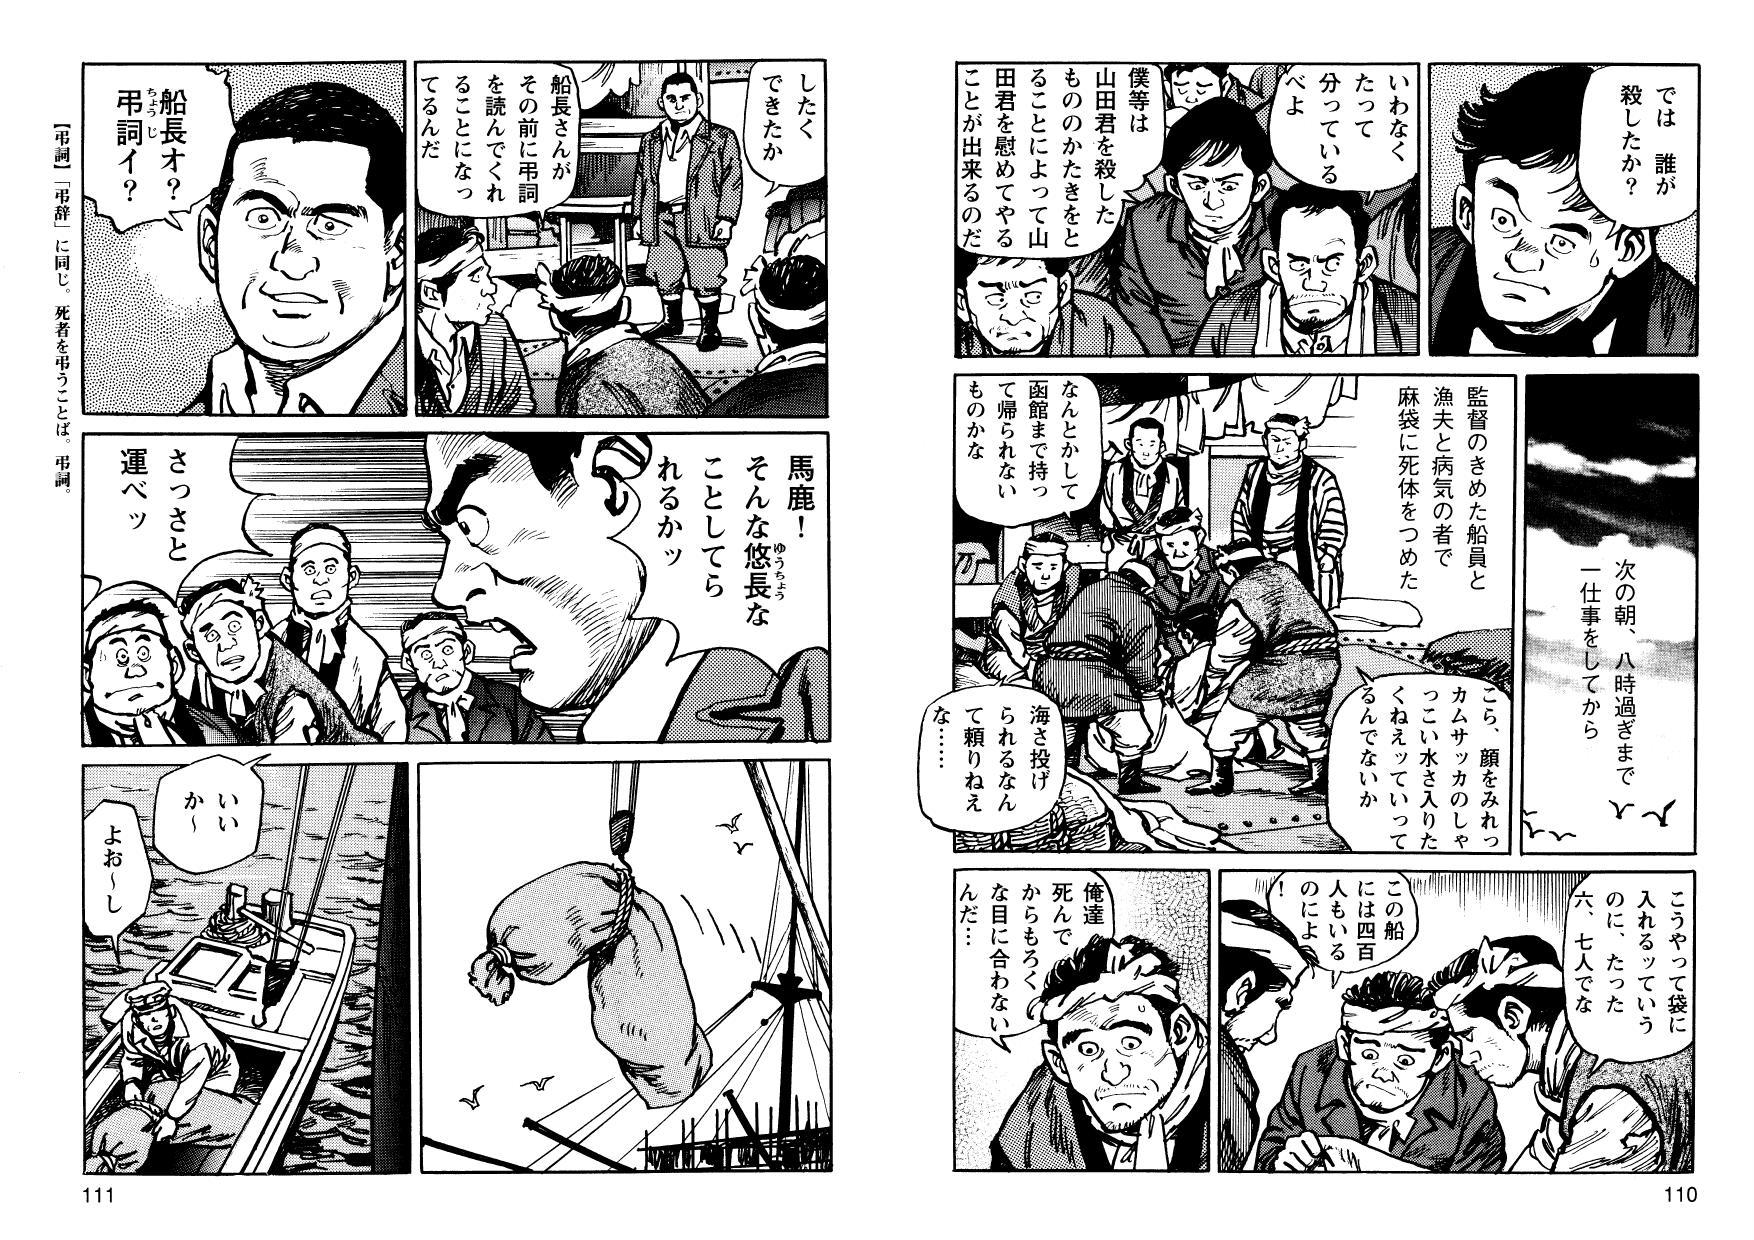 kani_cmc_000056.jpg